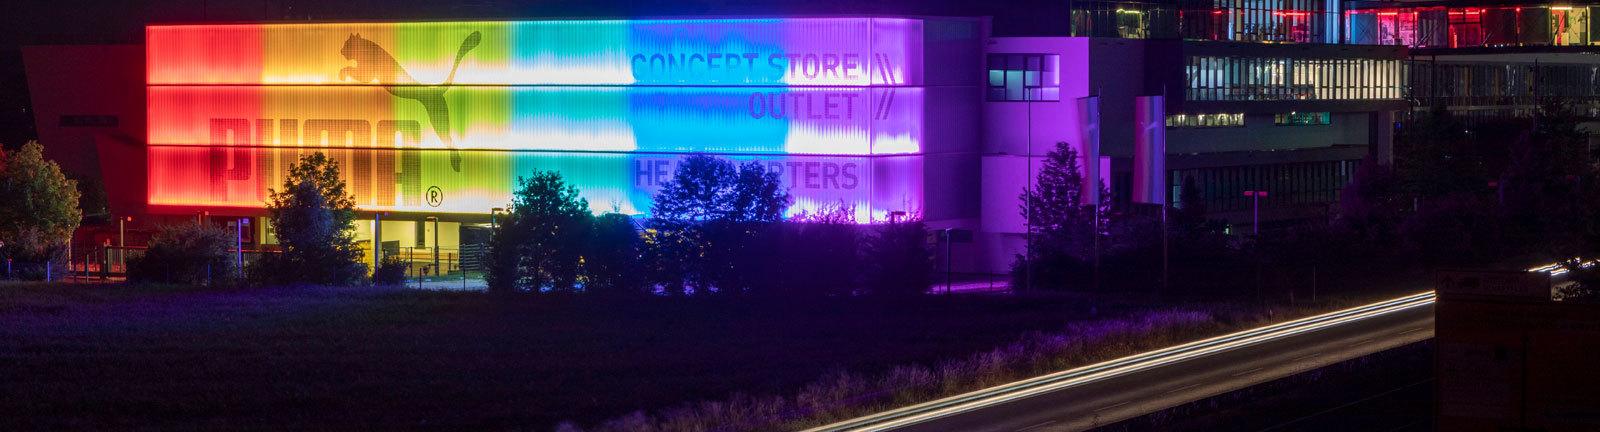 Das Headquarter des Sportartikelherstellers Puma in Herzogenaurach erstrahlt in Regenbogenfarben